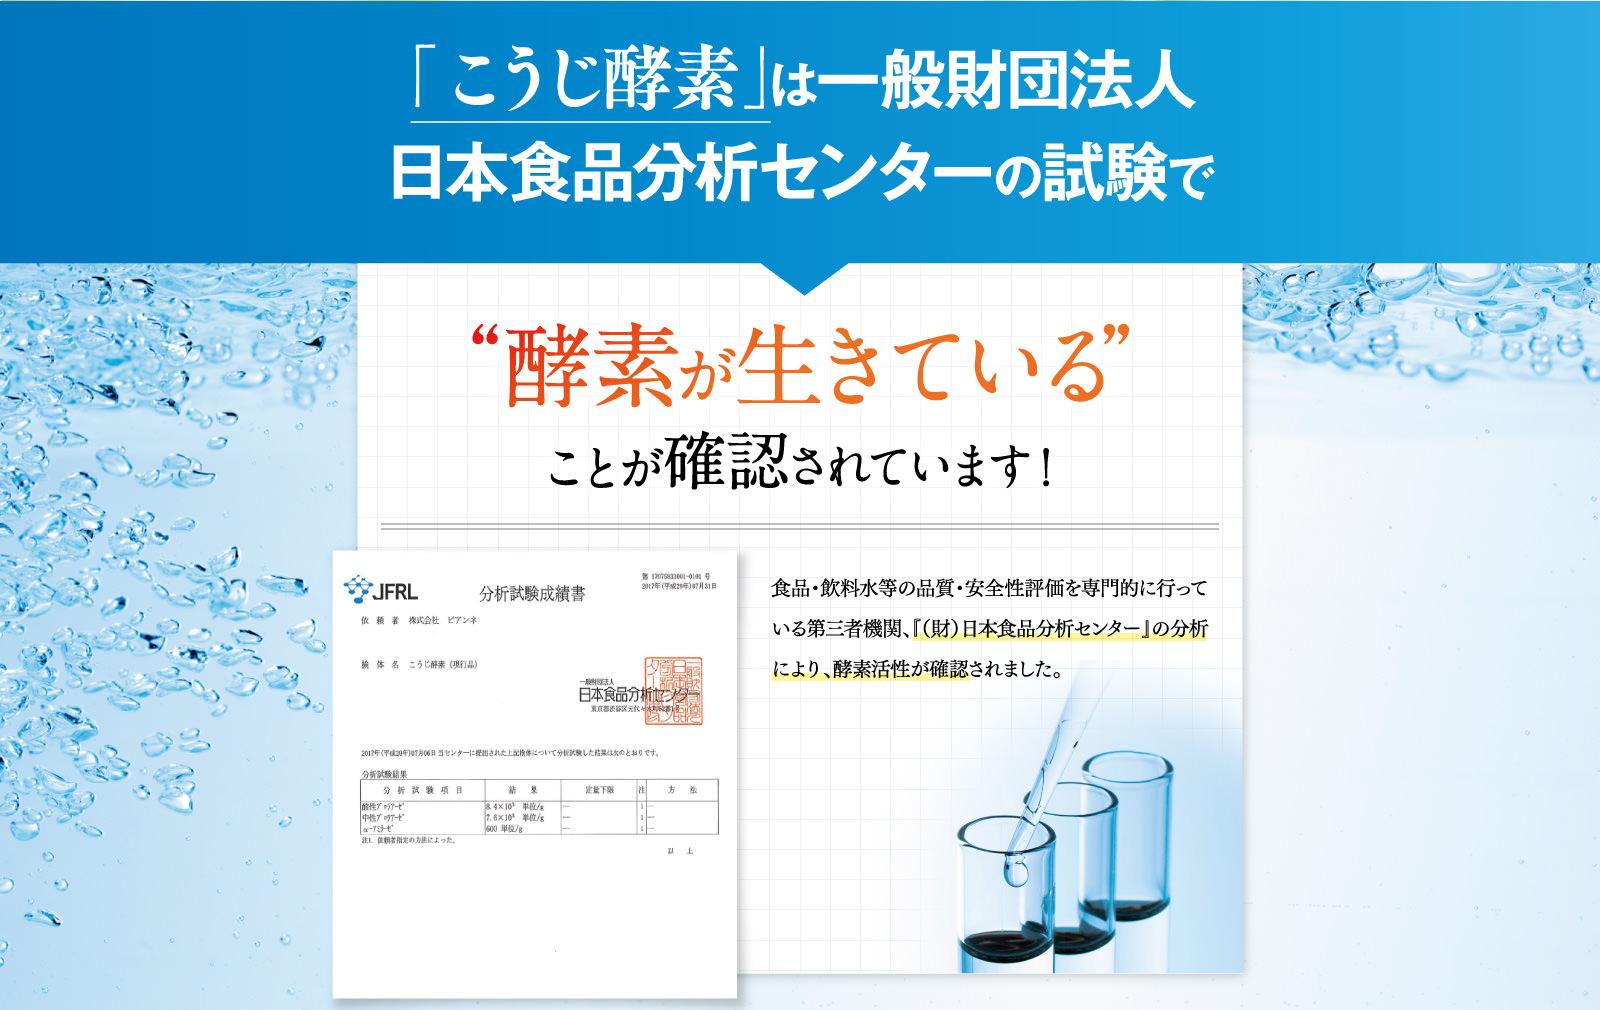 Image result for こうじ酵素 分析試験